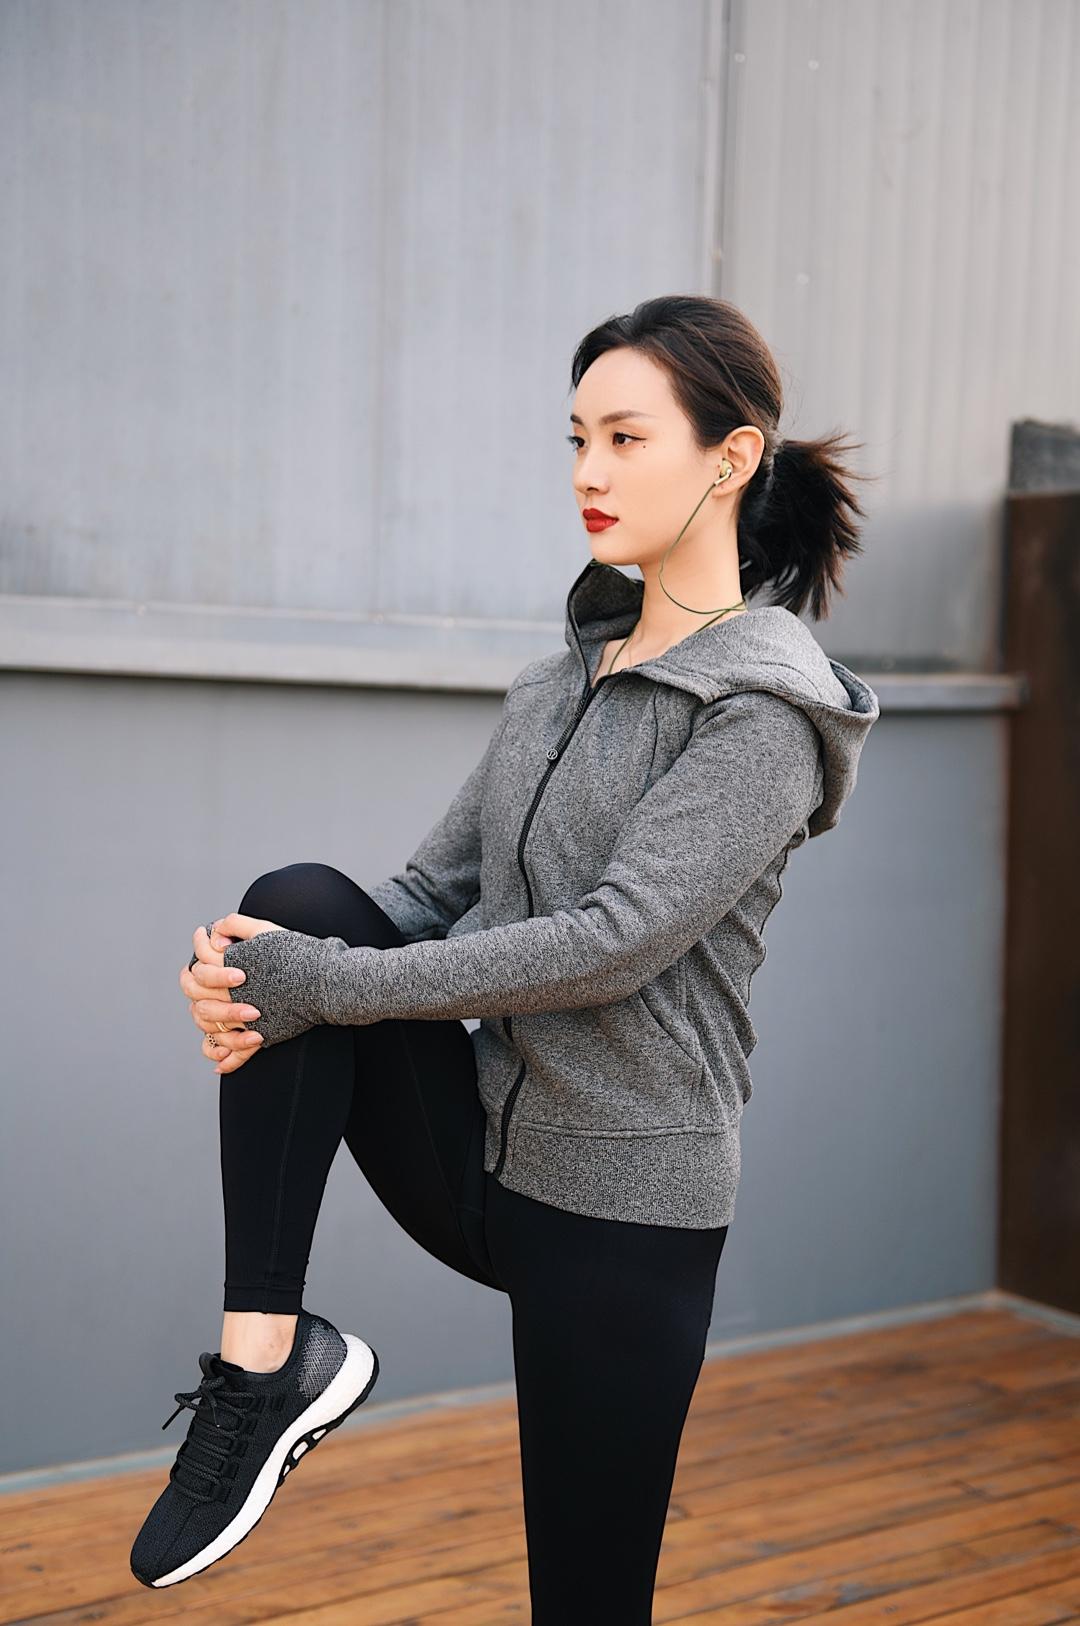 购买专业的运动装备是在保护肌肉,要选择对应训练方式的服装。例如不同的运动裤,分别有针对瑜伽普拉提的,还有专门针对举铁和户外的,面料材质完全都不一样。 4⃣️衣服要选择有品质的,吸湿排汗,并且不会回汗,这样就不会着凉,起到保暖的作用。 💪 例如像大家都熟悉的lululemon,舒适度是超越了市面上大部分品牌,版型上更加吃香,我和米牙一个是梨形身材,一个是苹果型身材,都可以完全修饰。裤子上的小拉索设计也瞬间圈粉,可以随身装些零钱或者手机。王府井apm店产品教育家会根据身材和运动习惯给推荐合适的搭配,不是只有屯里才能买到lulu啦。 #一秒入夏,第一波夏装安排上!#